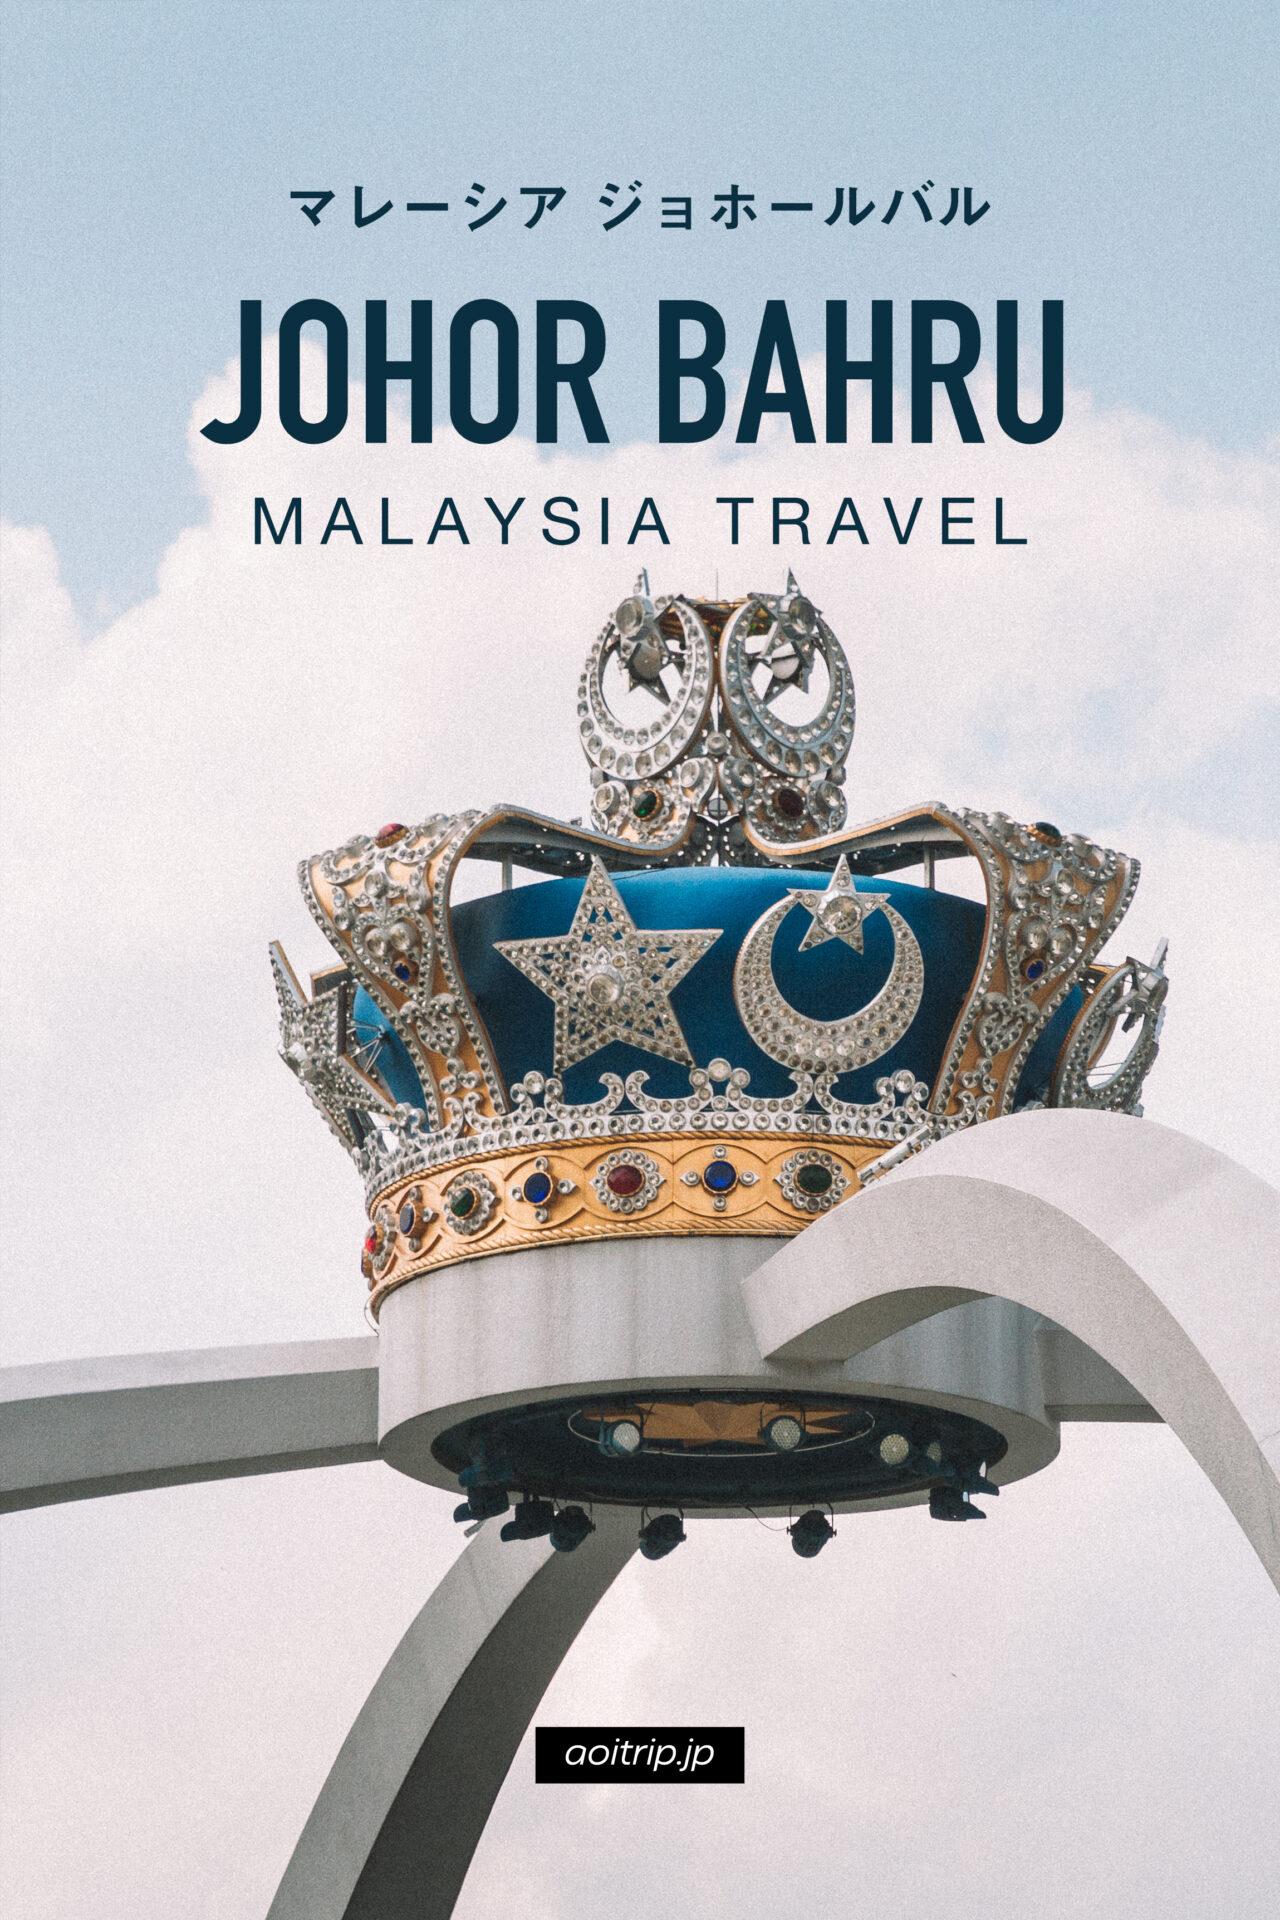 シンガポールからジョホールバル1日観光!旅行記・行き方 Johor bahru, Malaysia